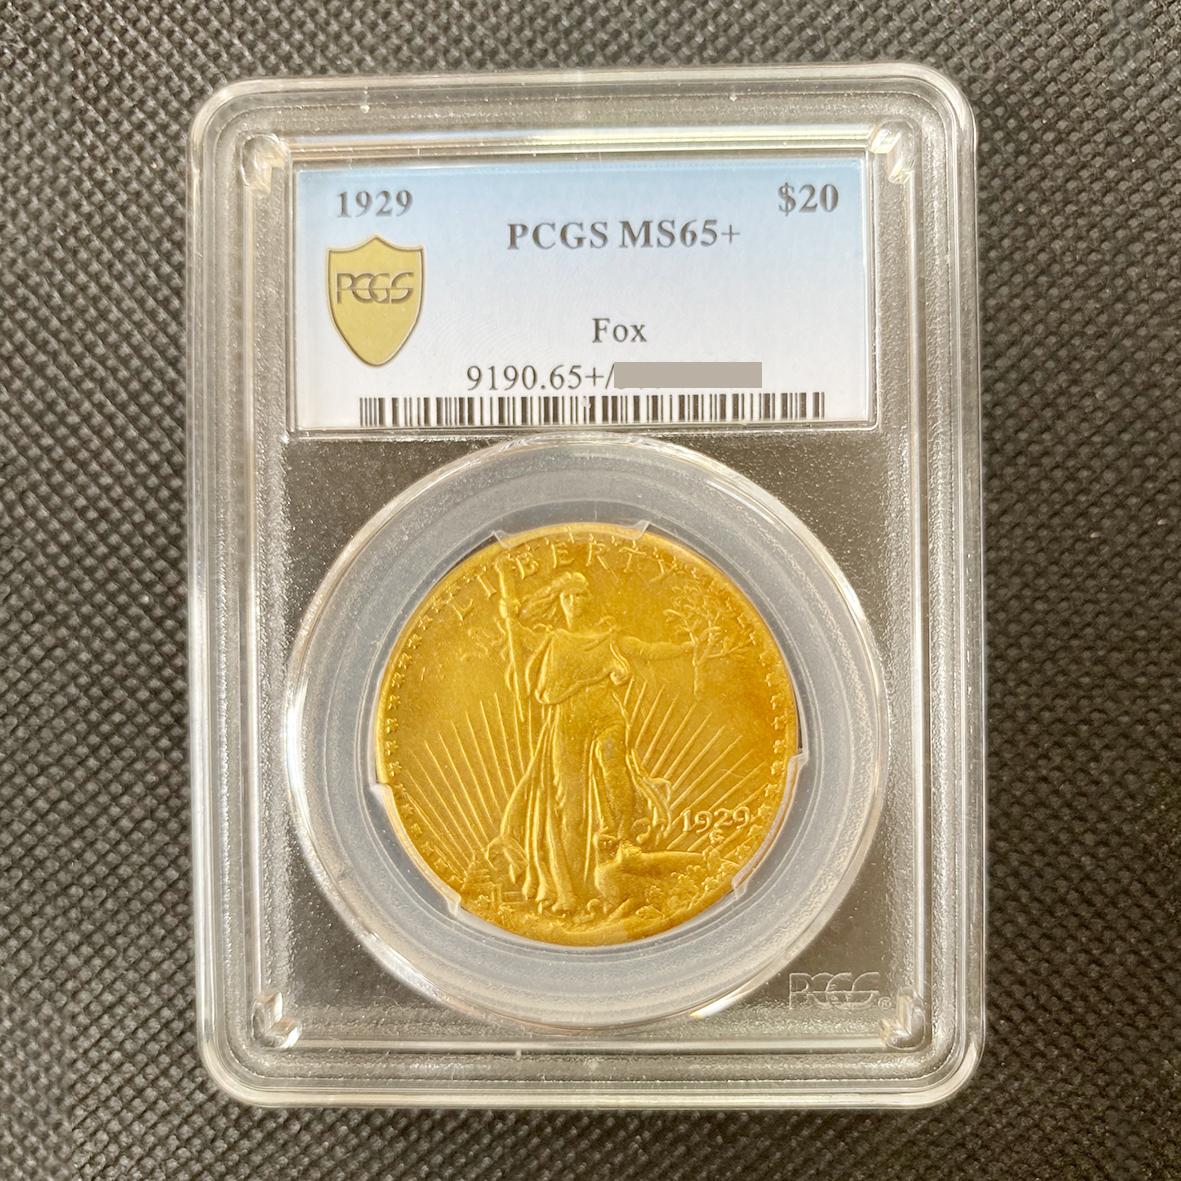 【記念貨幣】 米国希少金貨 1929 アメリカ $20 PCGS鑑定済み MS65+ 20ドル 高鑑定品